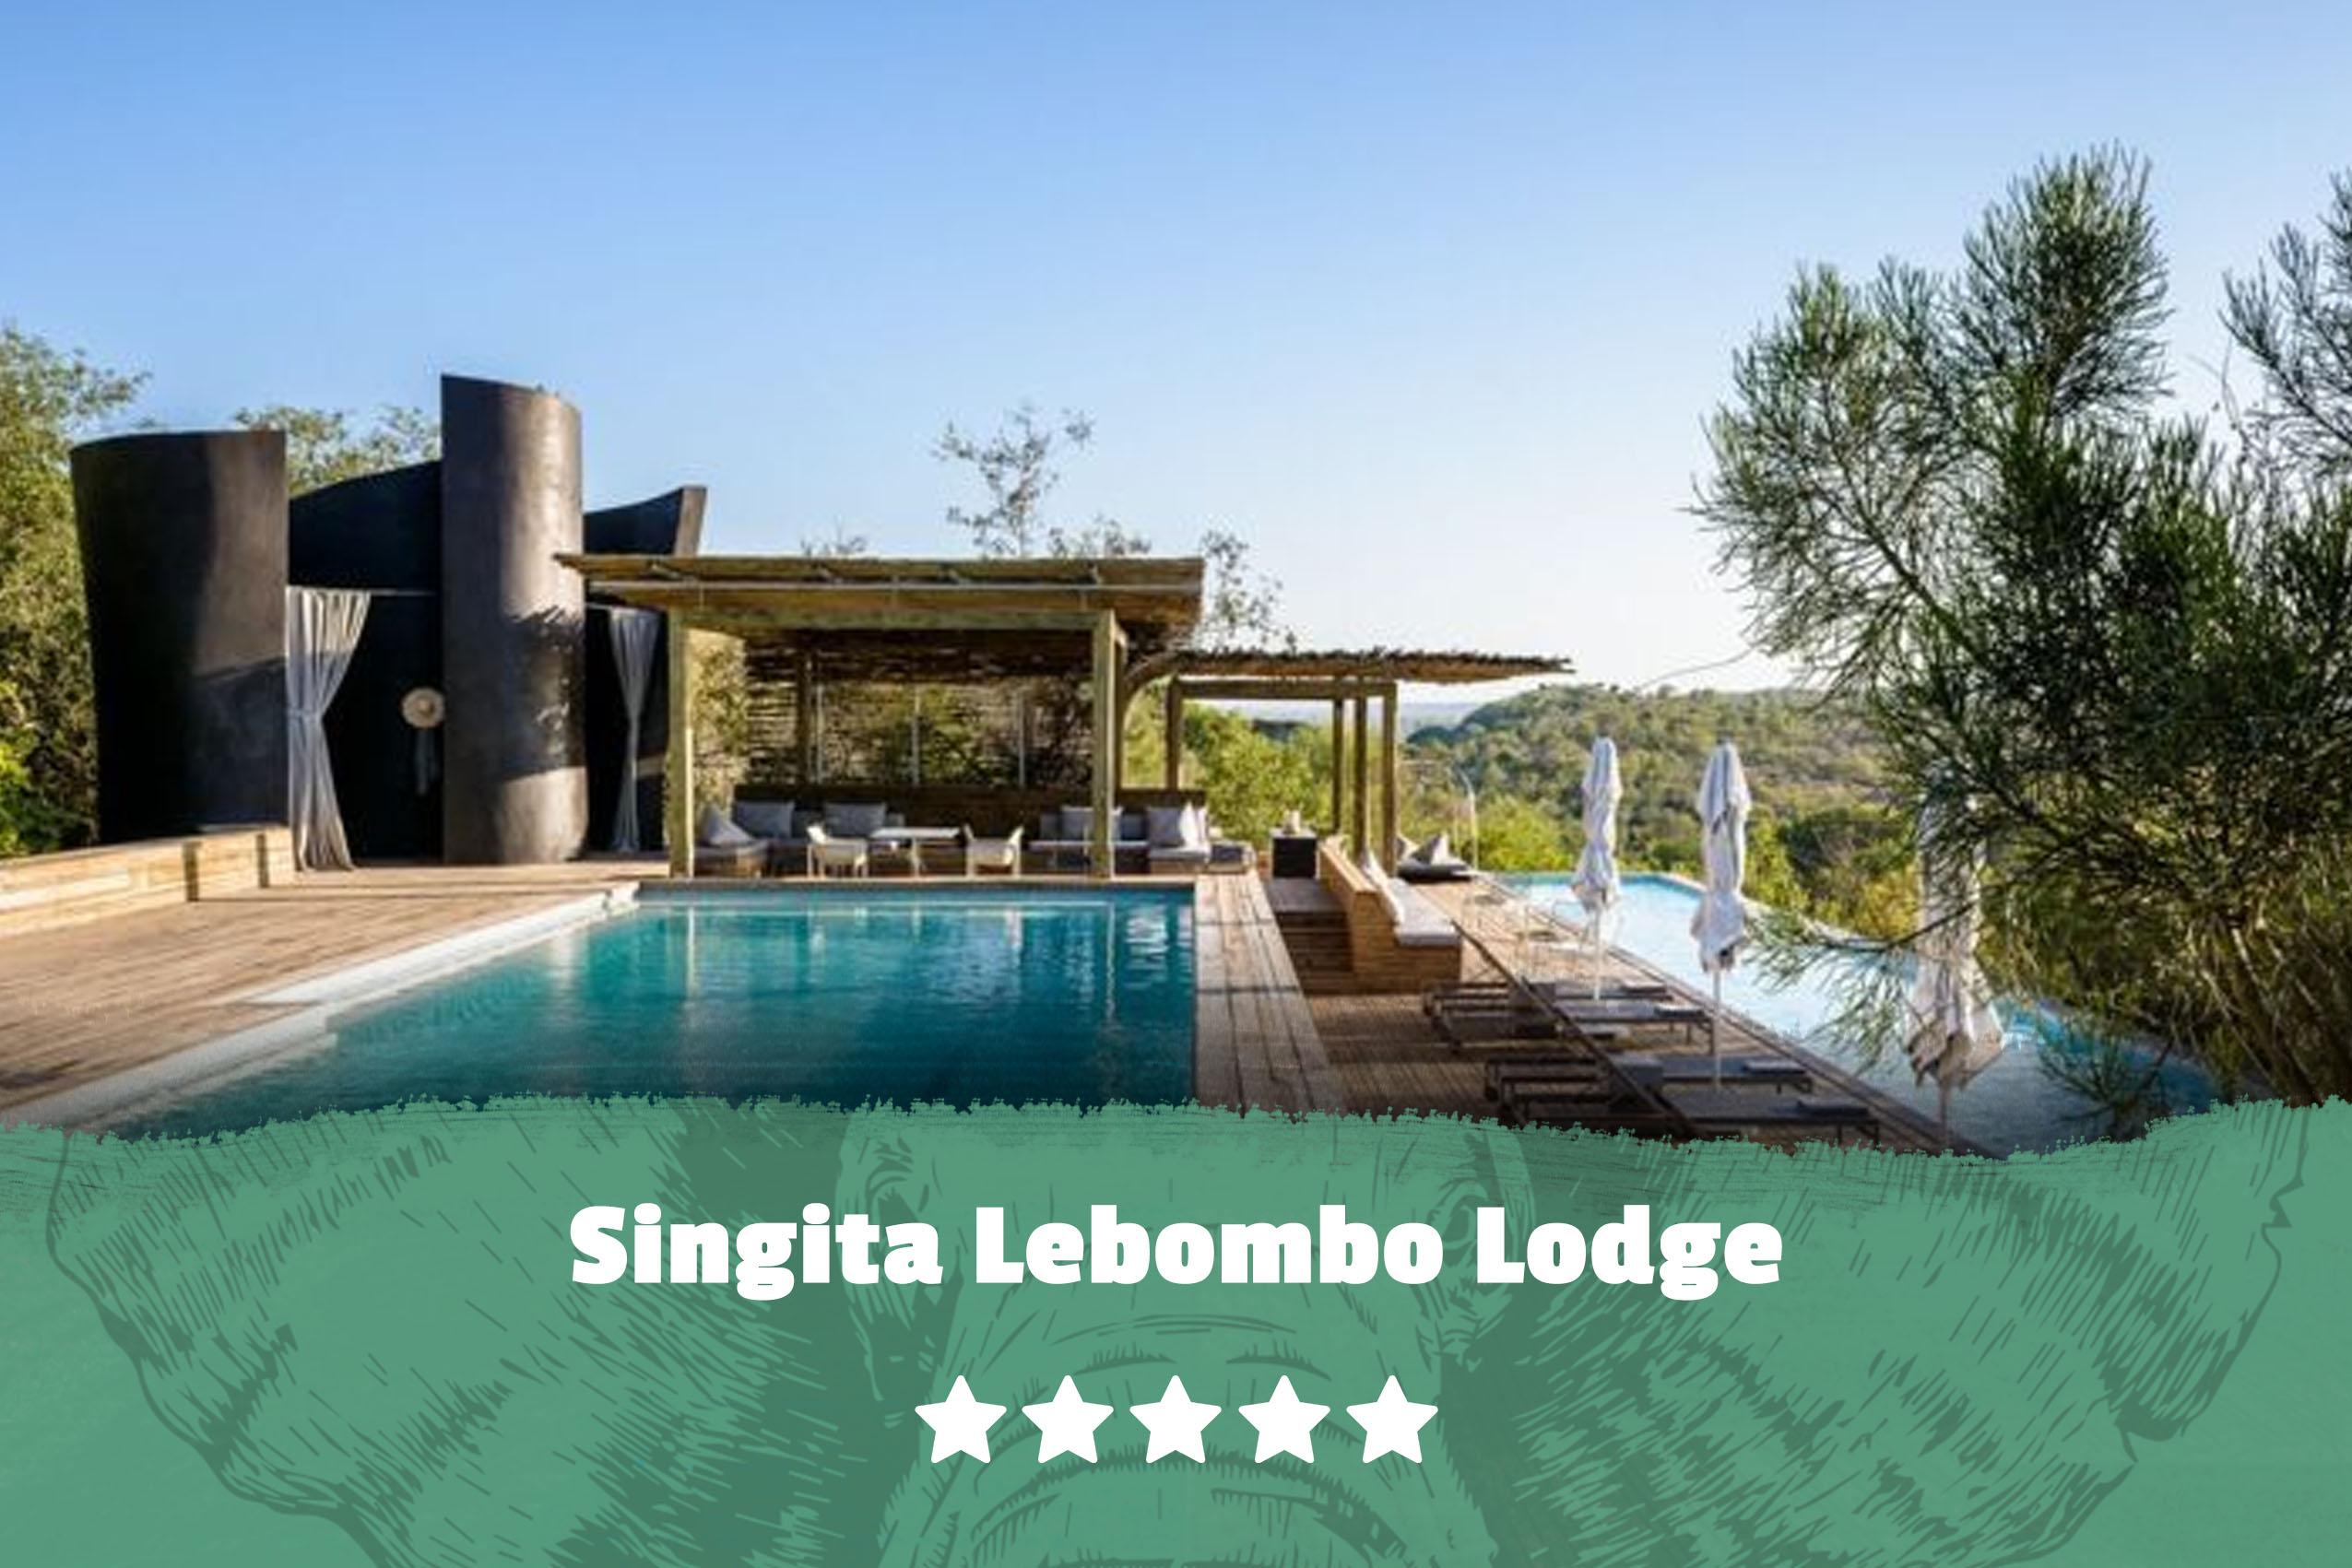 Kruger featured image Singita Lebombo Lodge